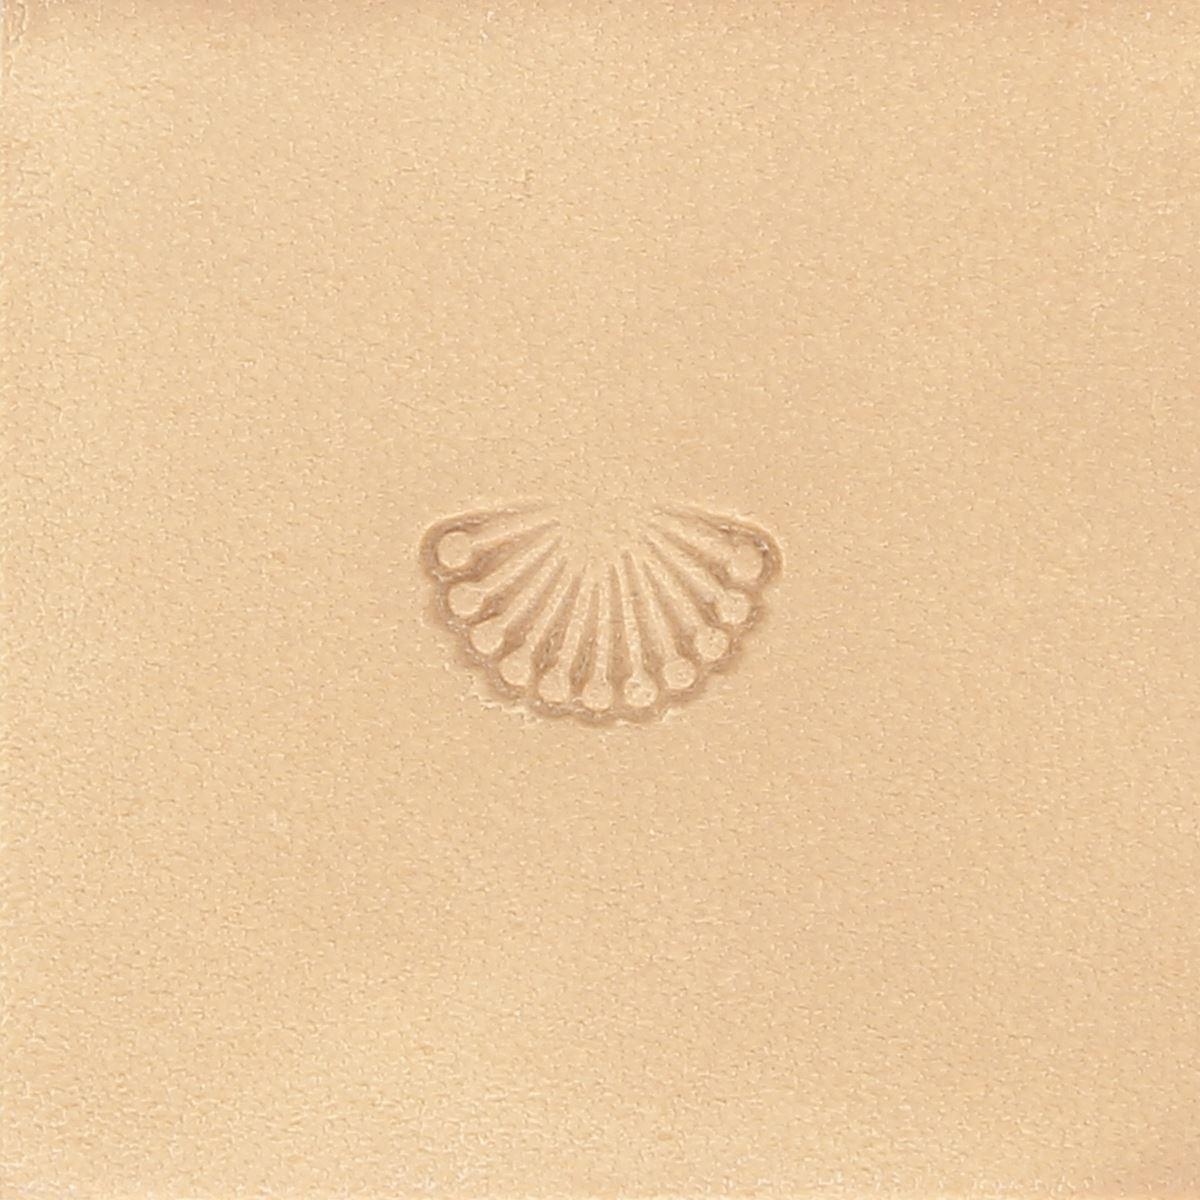 Matoir avec manche - Pollen - 66607